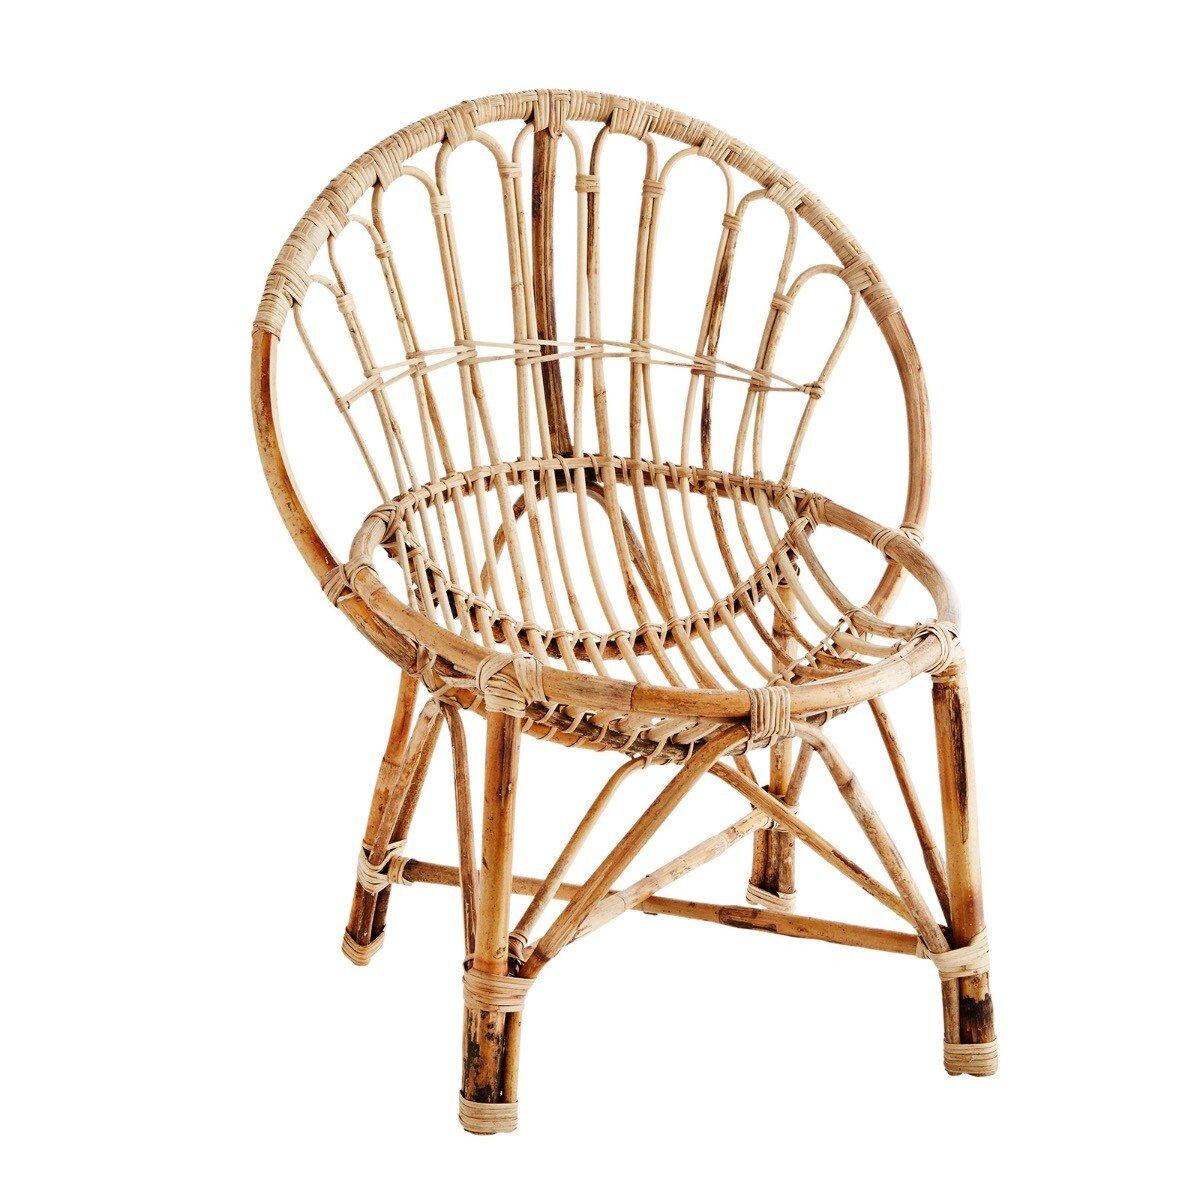 Madam Stoltz fauteuil bamboo naturel 63 x 61 x 67